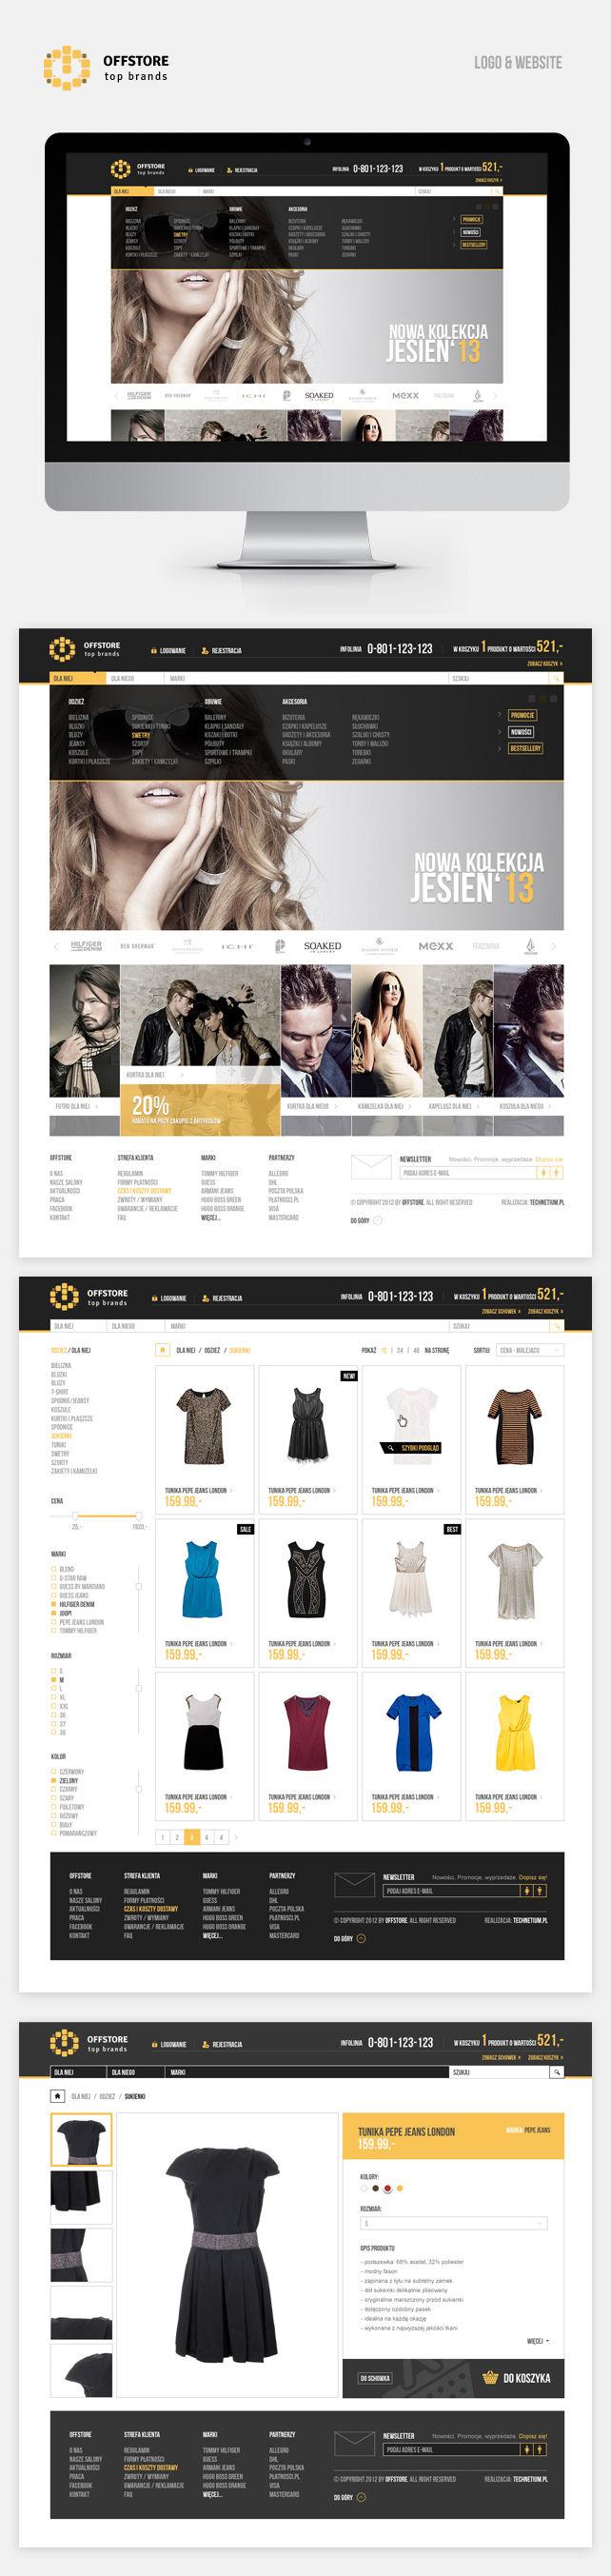 Sklep on-line, logo OFF Store